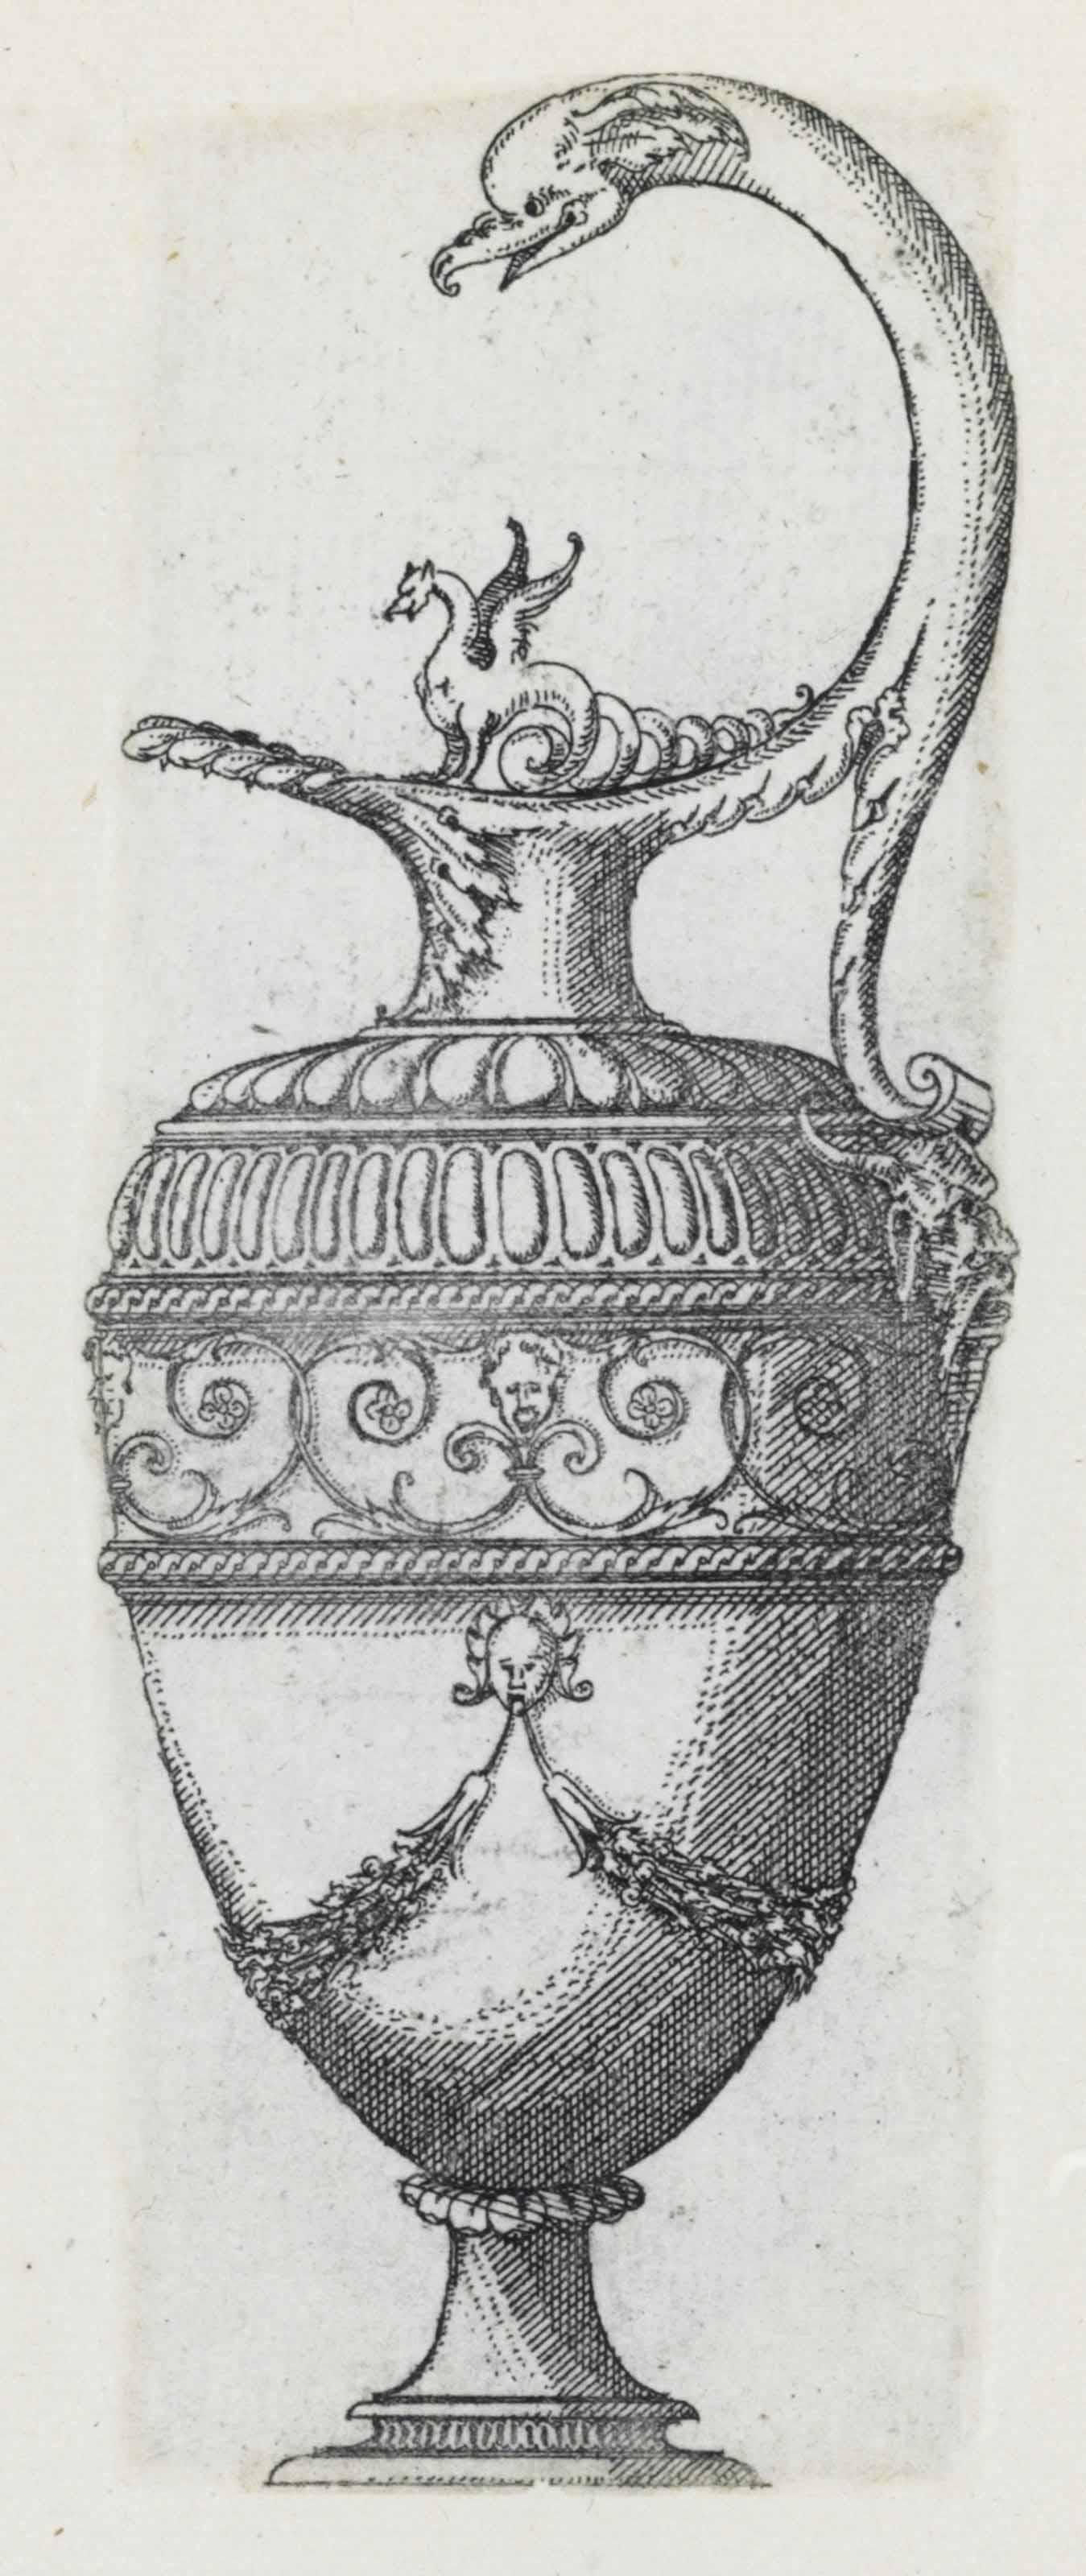 ANDROUET DU CERCEAU, Jacques (circa 1515 - 1585)